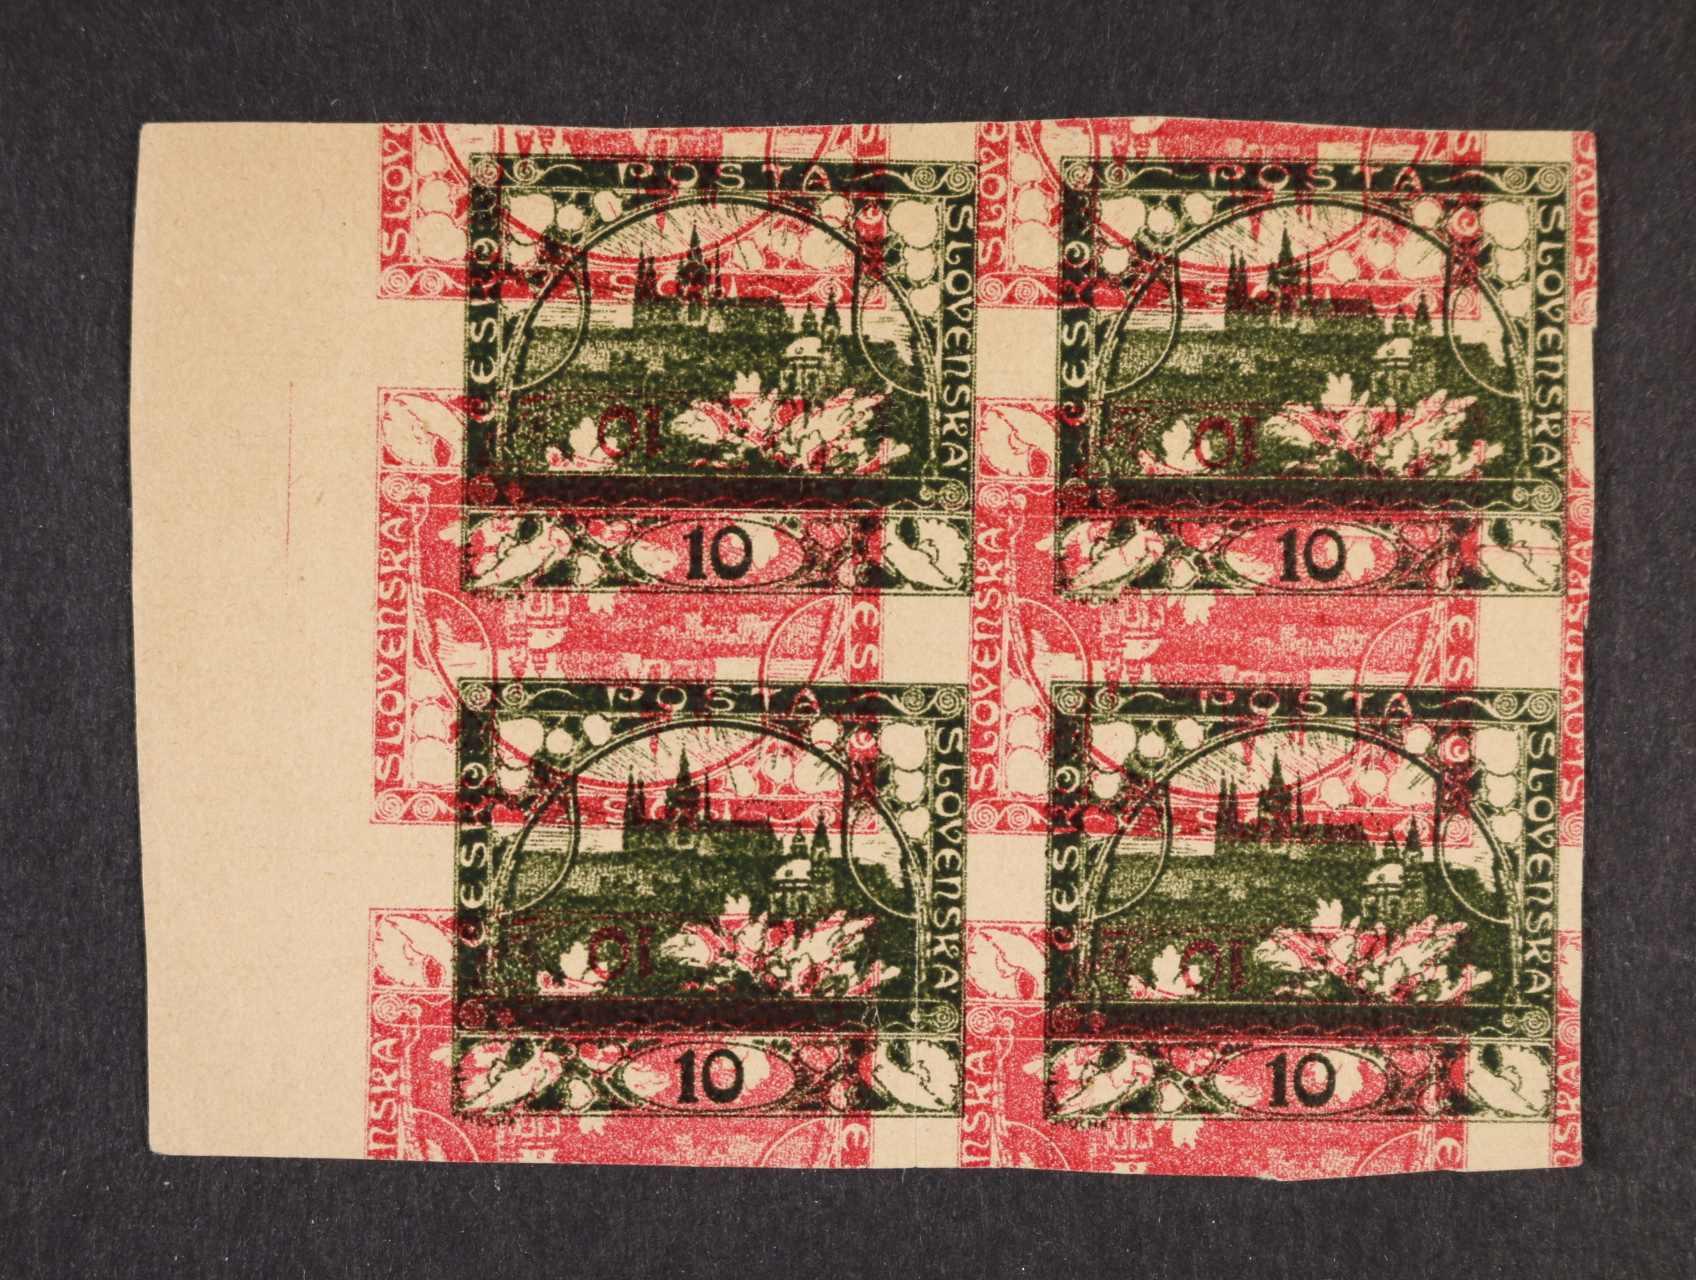 ZT zn. 10h hlubotisk ve čtyřbloku s levým okrajem, dvojitý protichůdný tisk v barvě červené a tmavě olivové